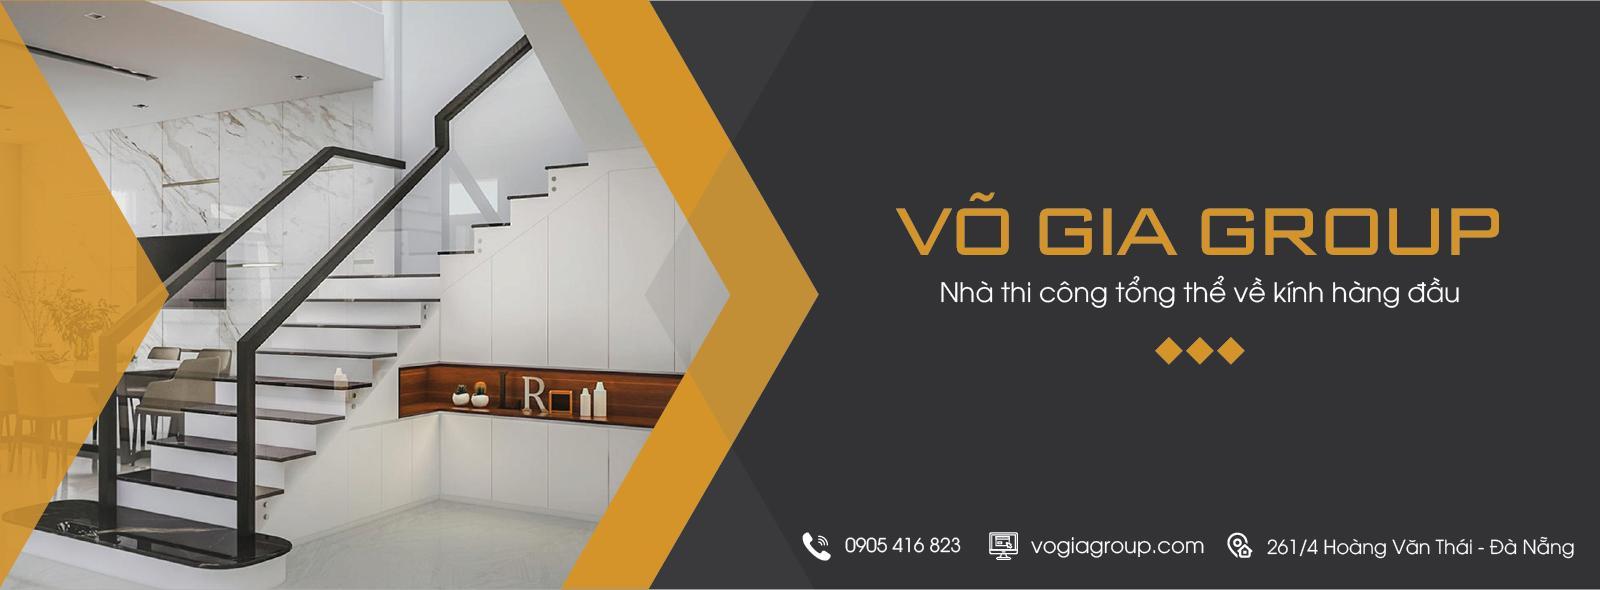 Võ Gia Group - Đơn vị cung cấp, thi công kính cường lực uy tín hàng đầu Việt Nam